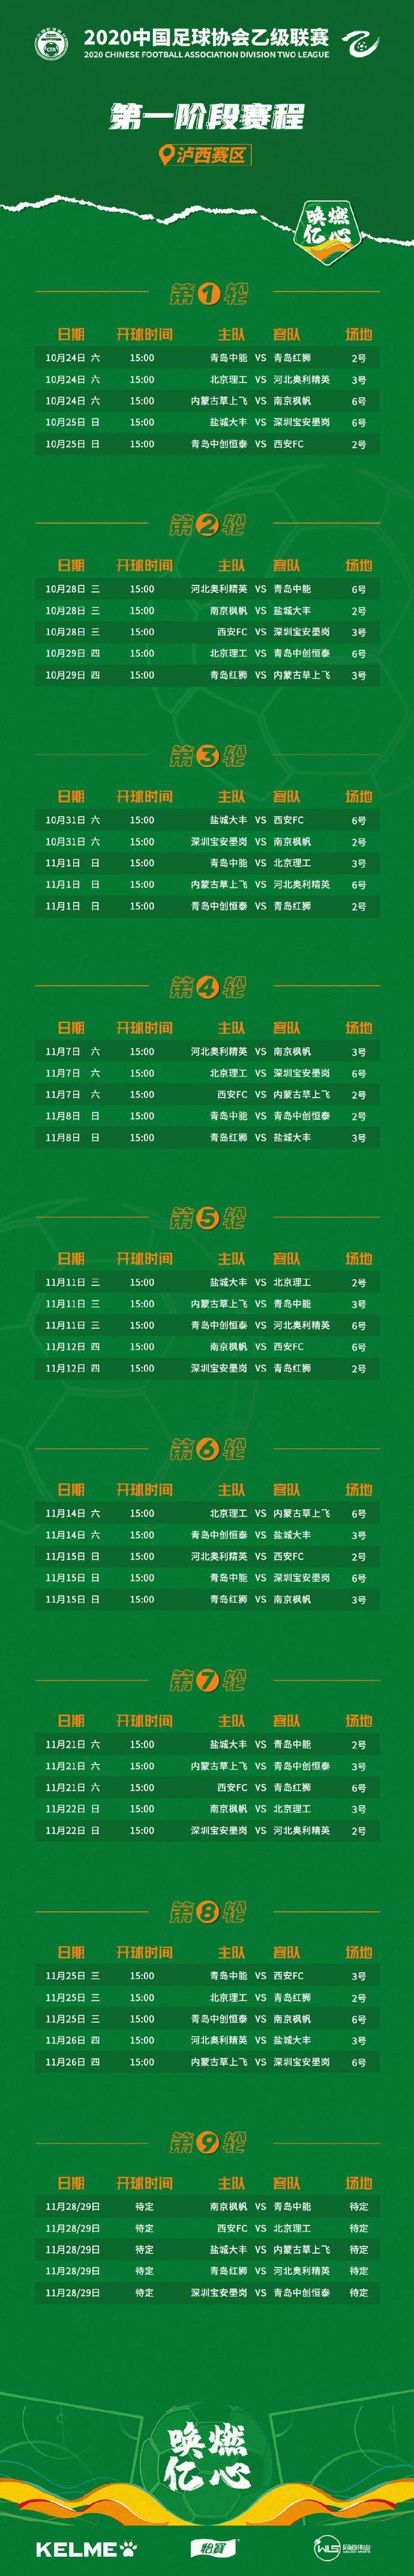 中乙联赛赛程赛制公布 每组前两名晋级争中甲资格